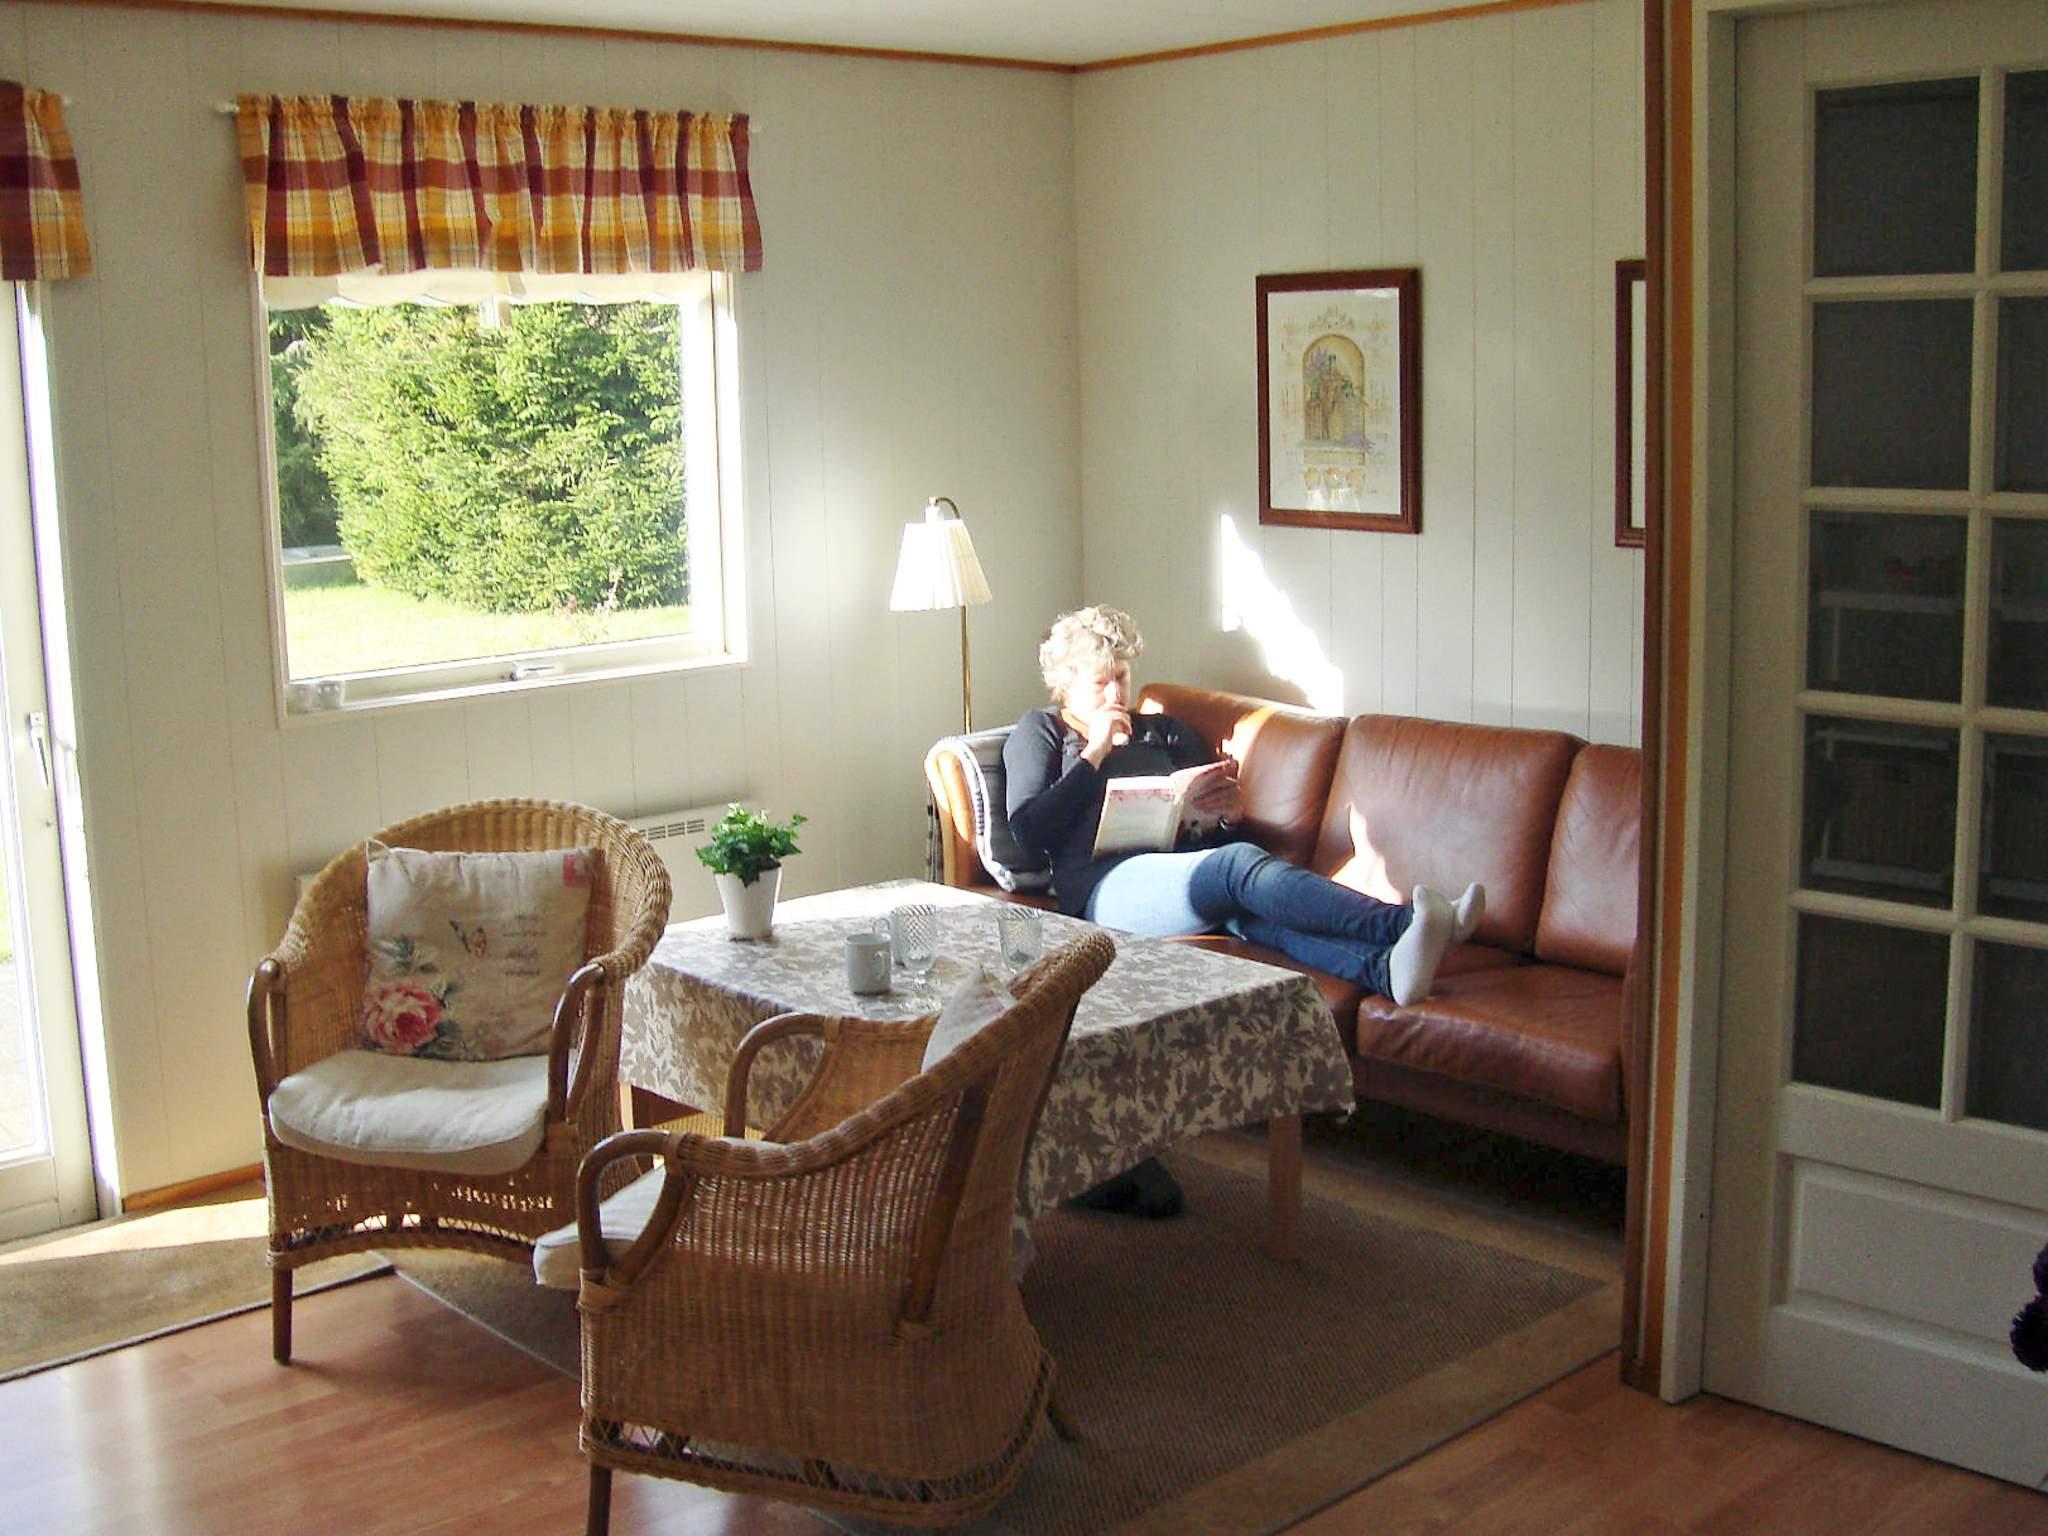 Ferienhaus Marielyst (87191), Marielyst, , Falster, Dänemark, Bild 2